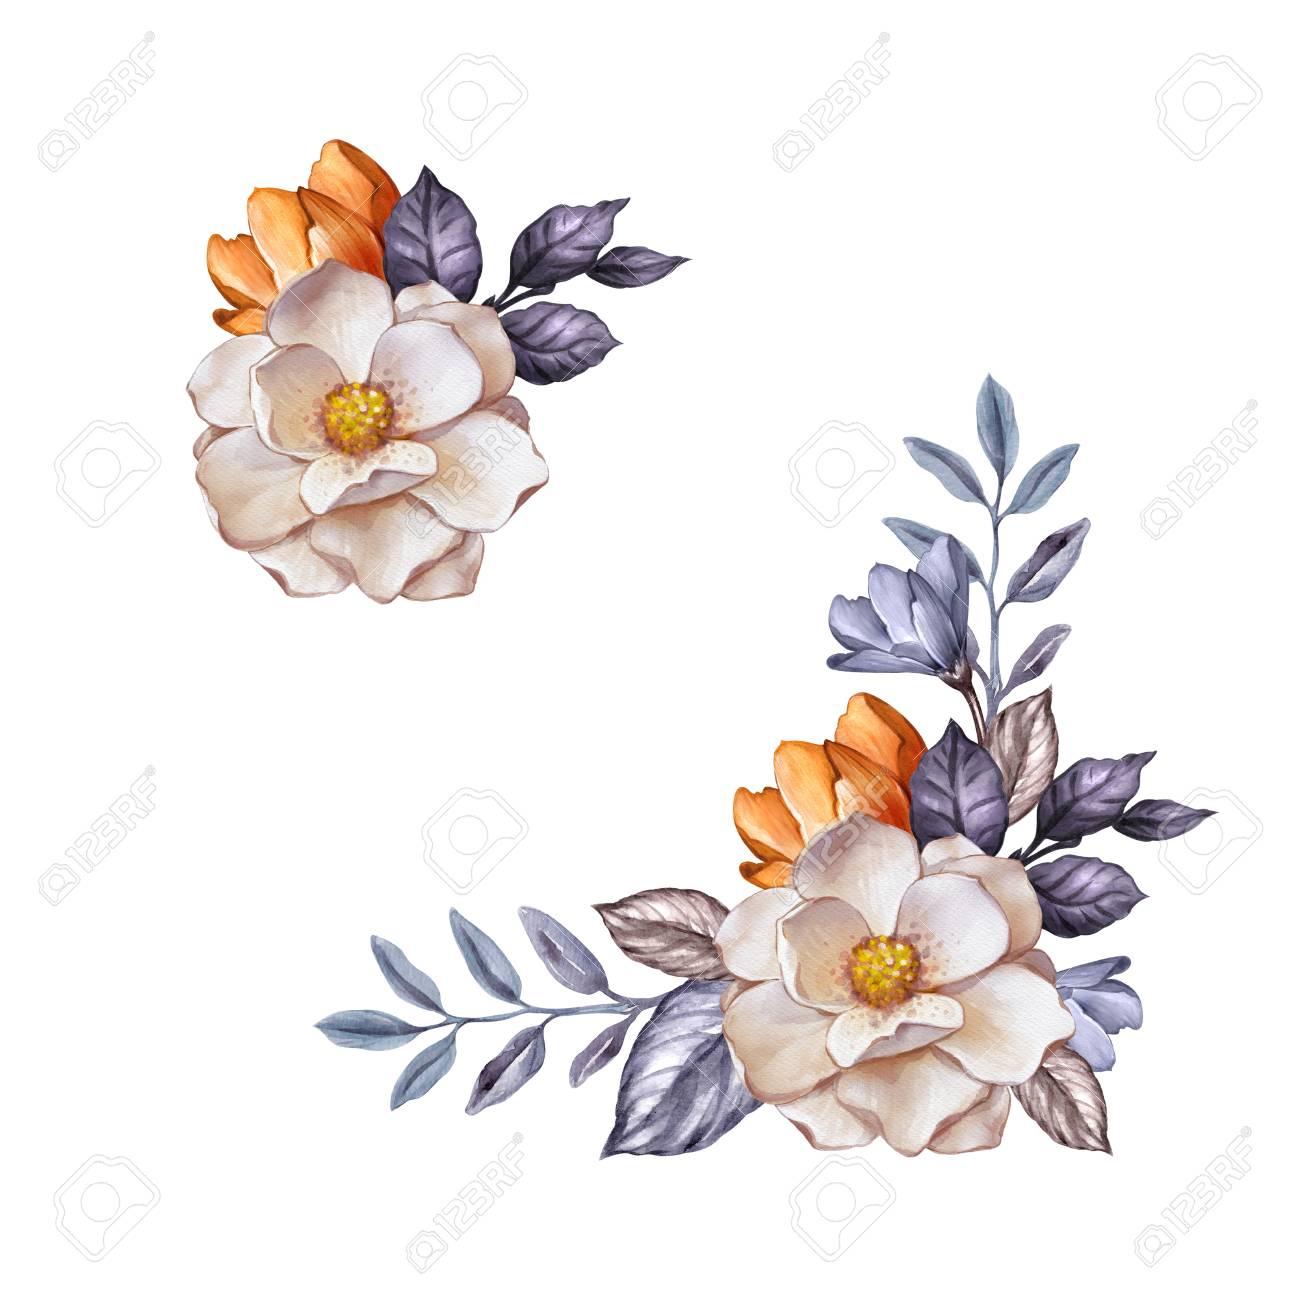 水彩画ボタニカル イラスト、秋の花、乾燥葉、コーナー装飾、花の